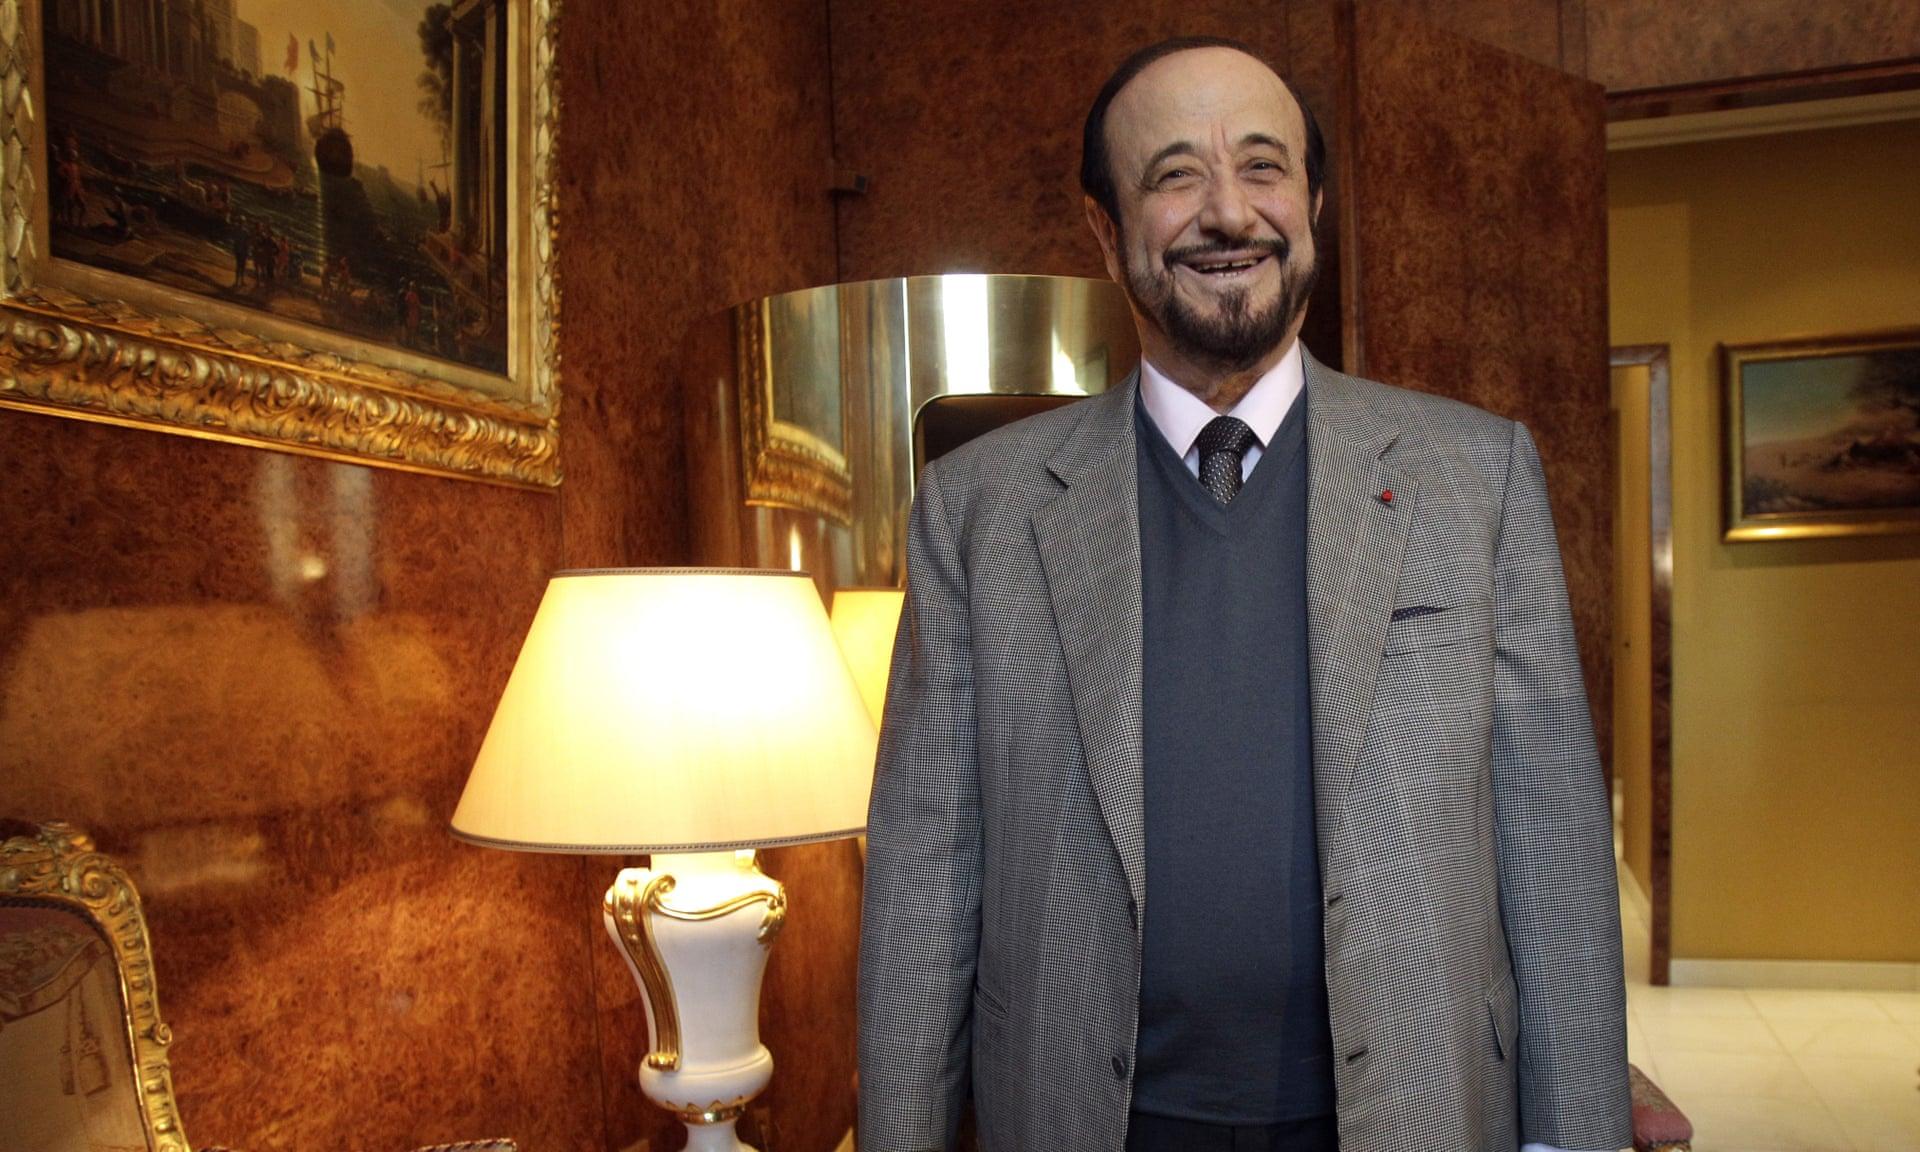 Bashar al-Assad's uncle faces embezzlement trial in Paris